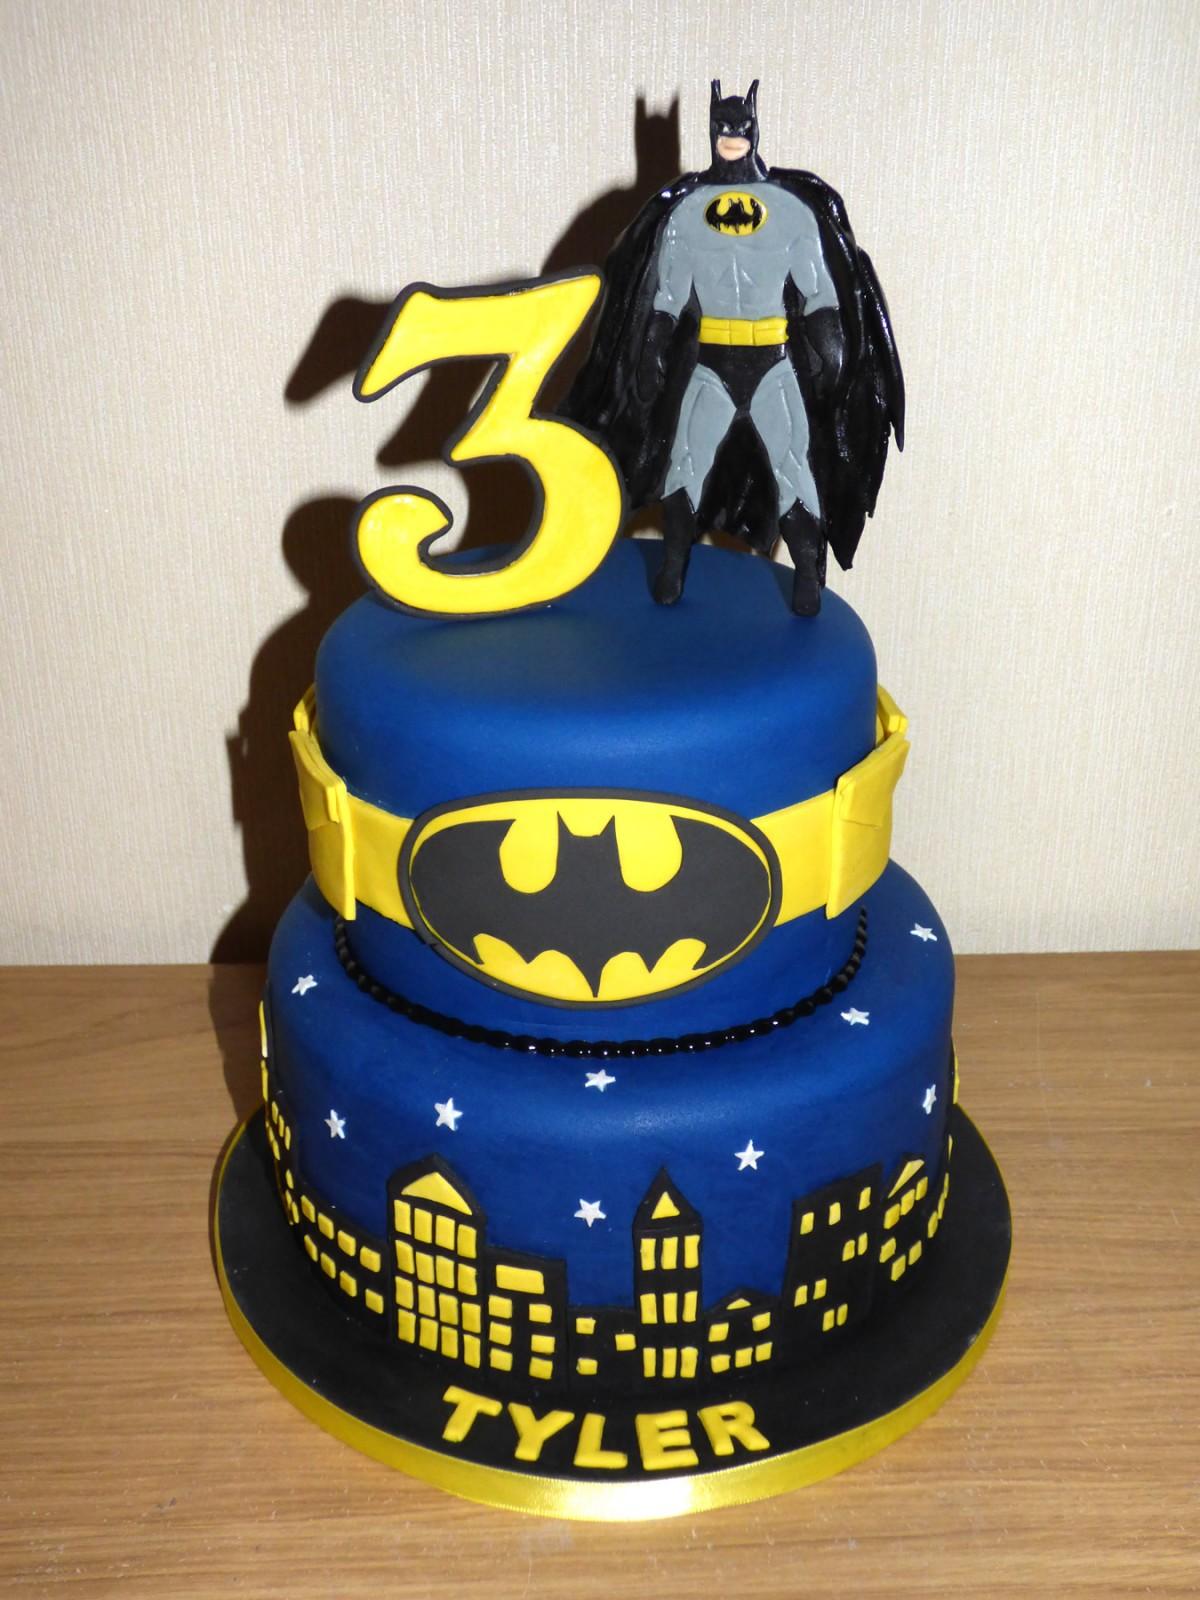 2 Tier Batman Themed Birthday Cake 171 Susie S Cakes